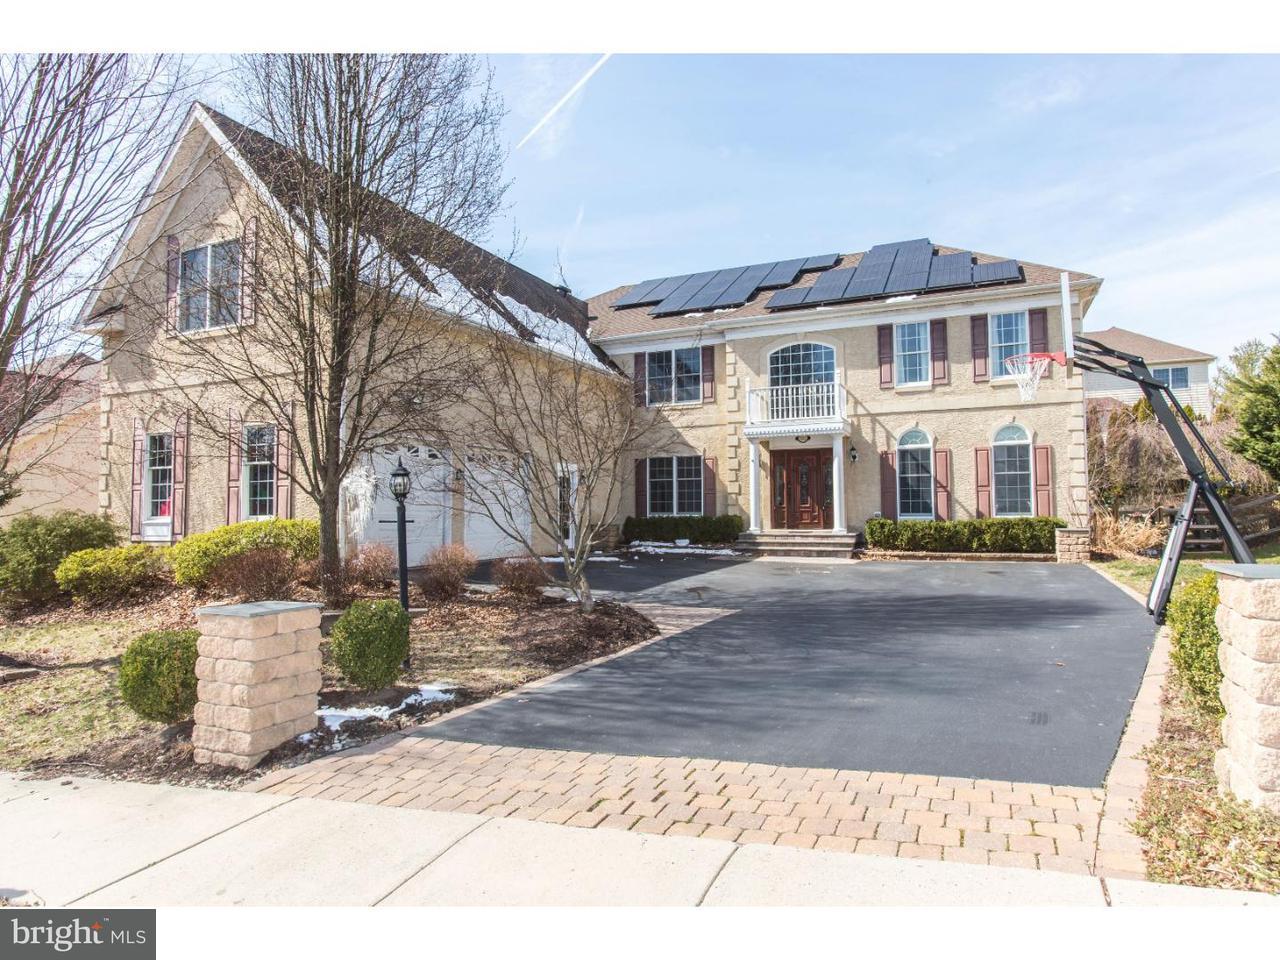 独户住宅 为 出租 在 221 RIVERCREST Drive 菲尼克斯维尔, 宾夕法尼亚州 19460 美国